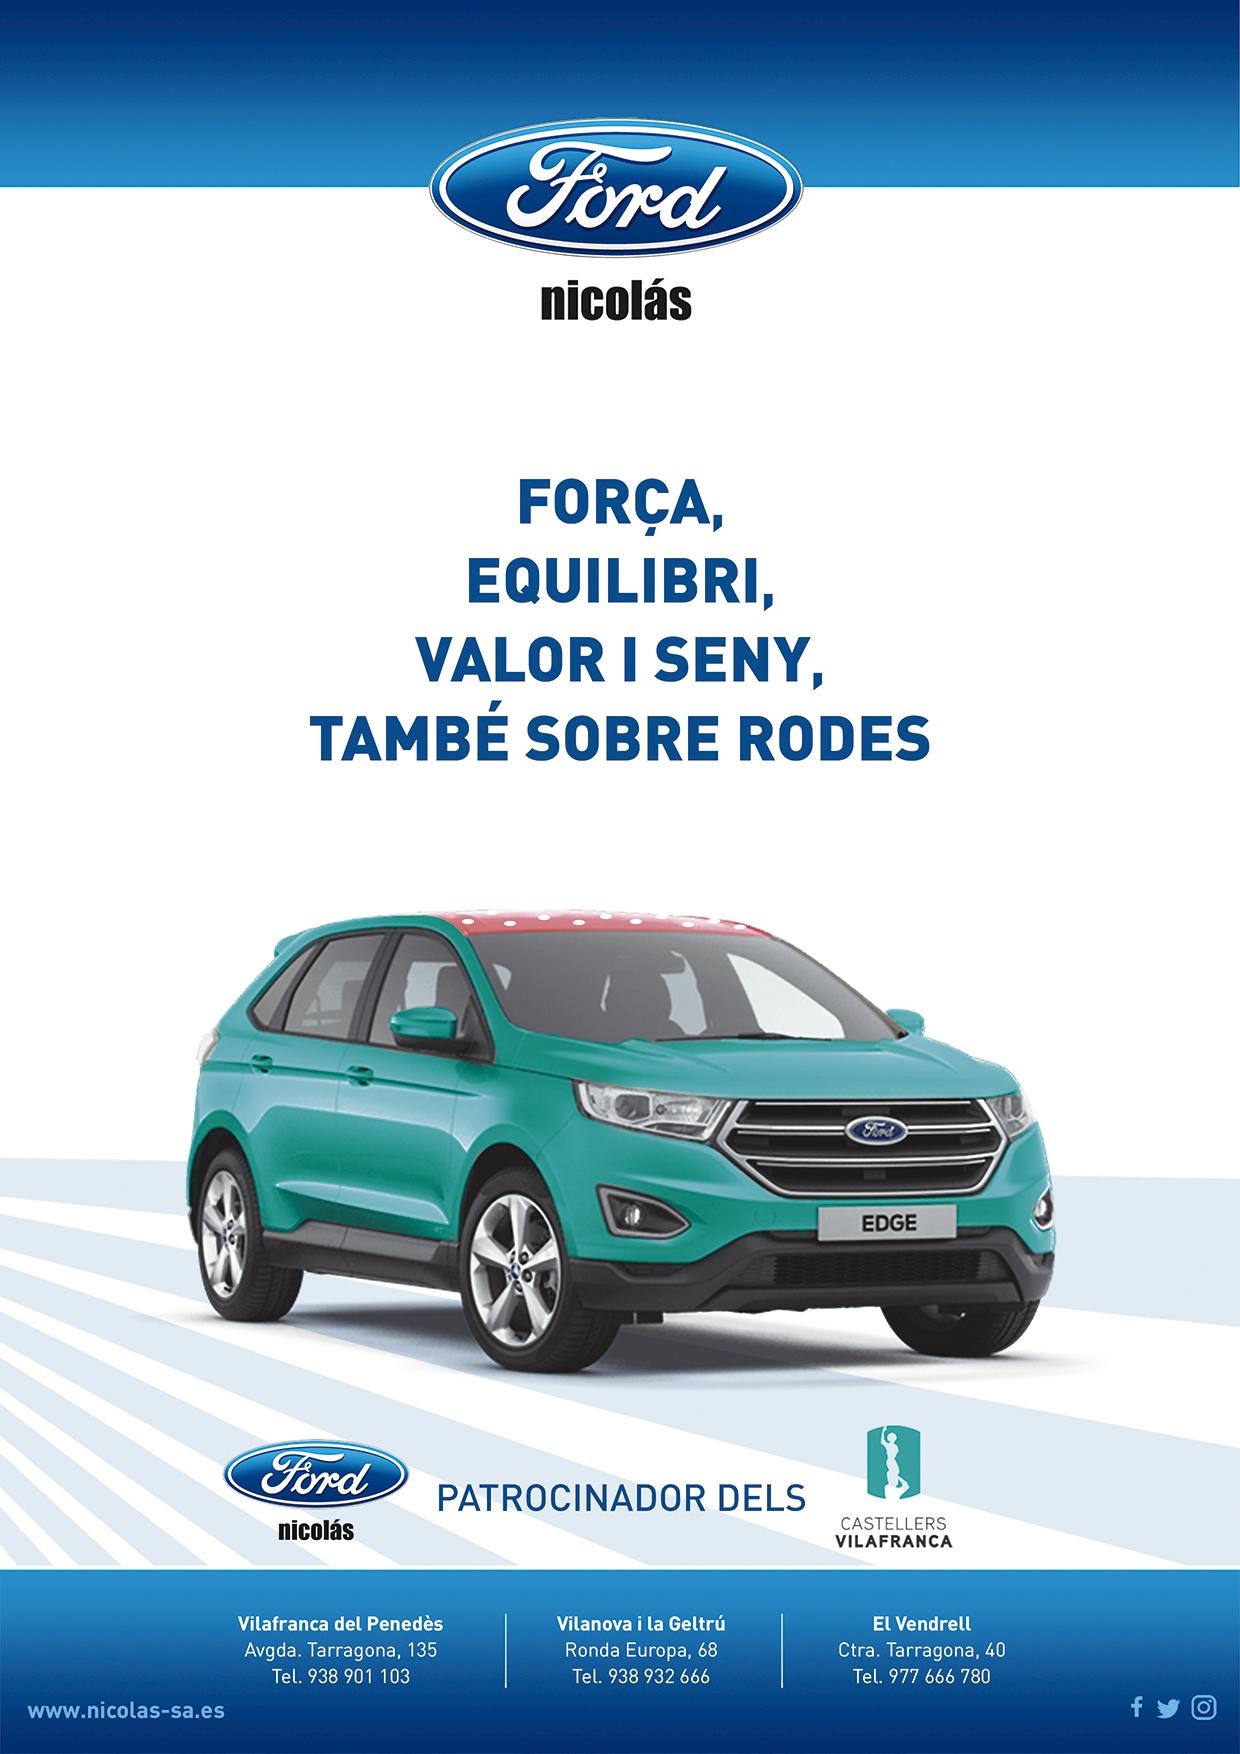 anunci Nicolàs 3